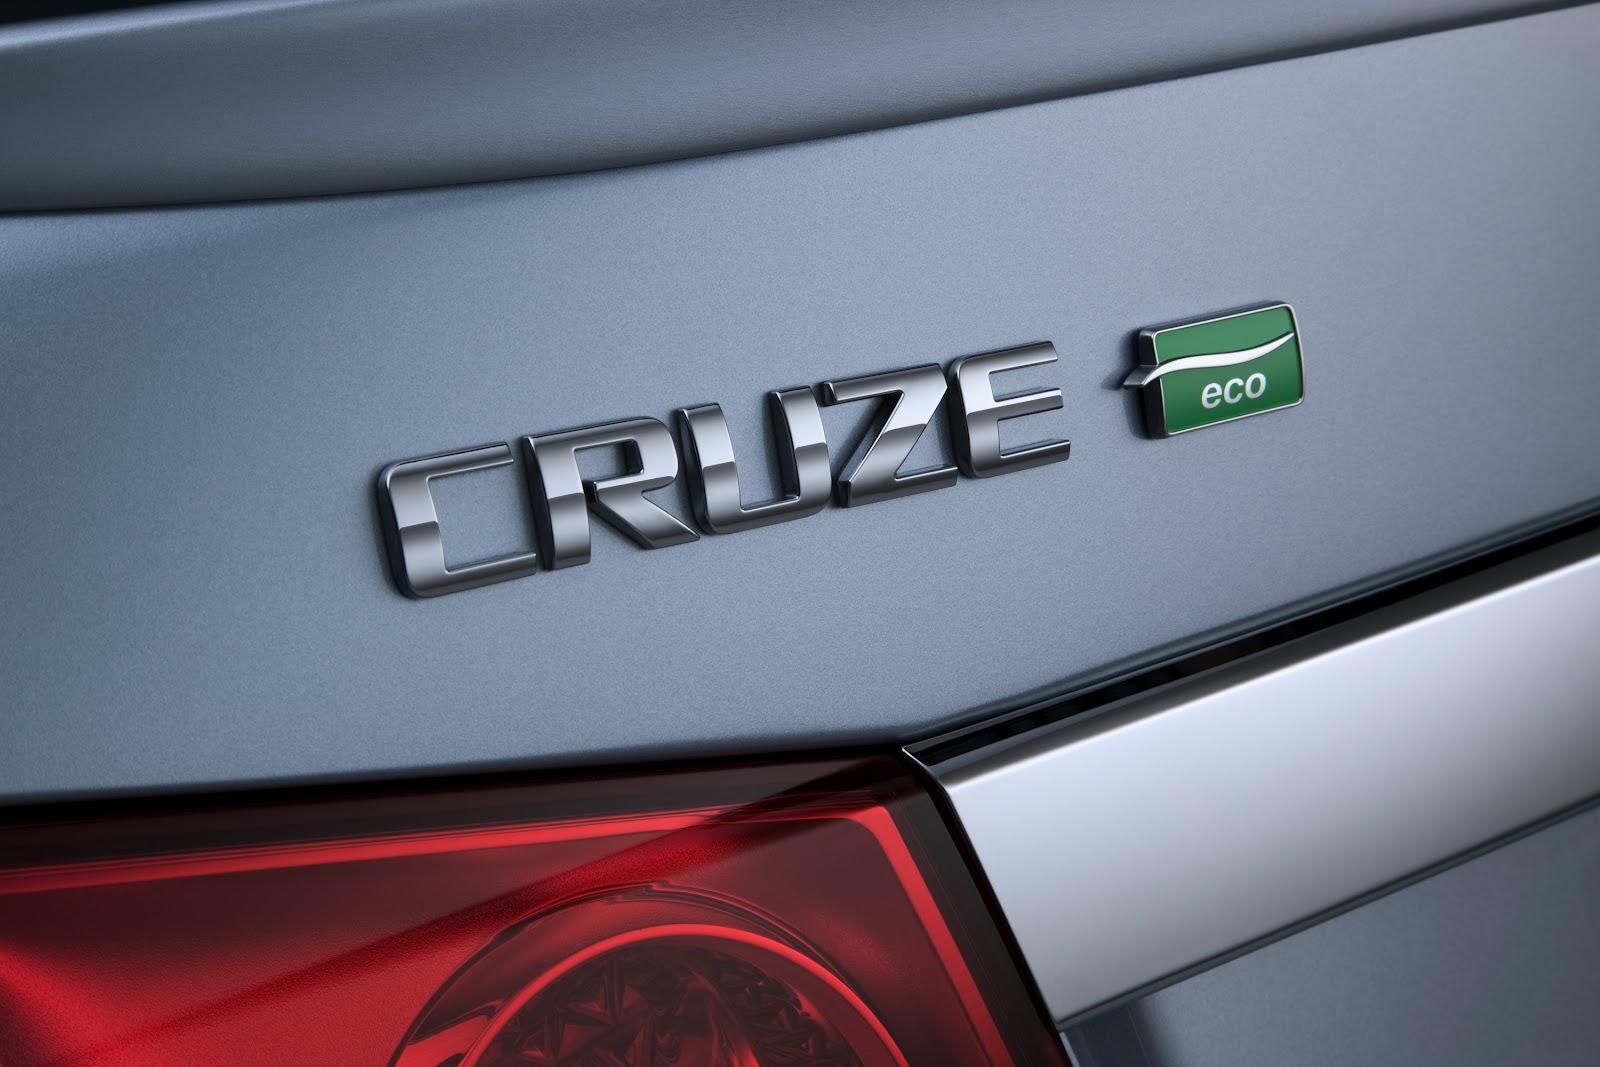 Chevrolet Cruze Eco Et Ford Focus Sfe Non Rentables Pour